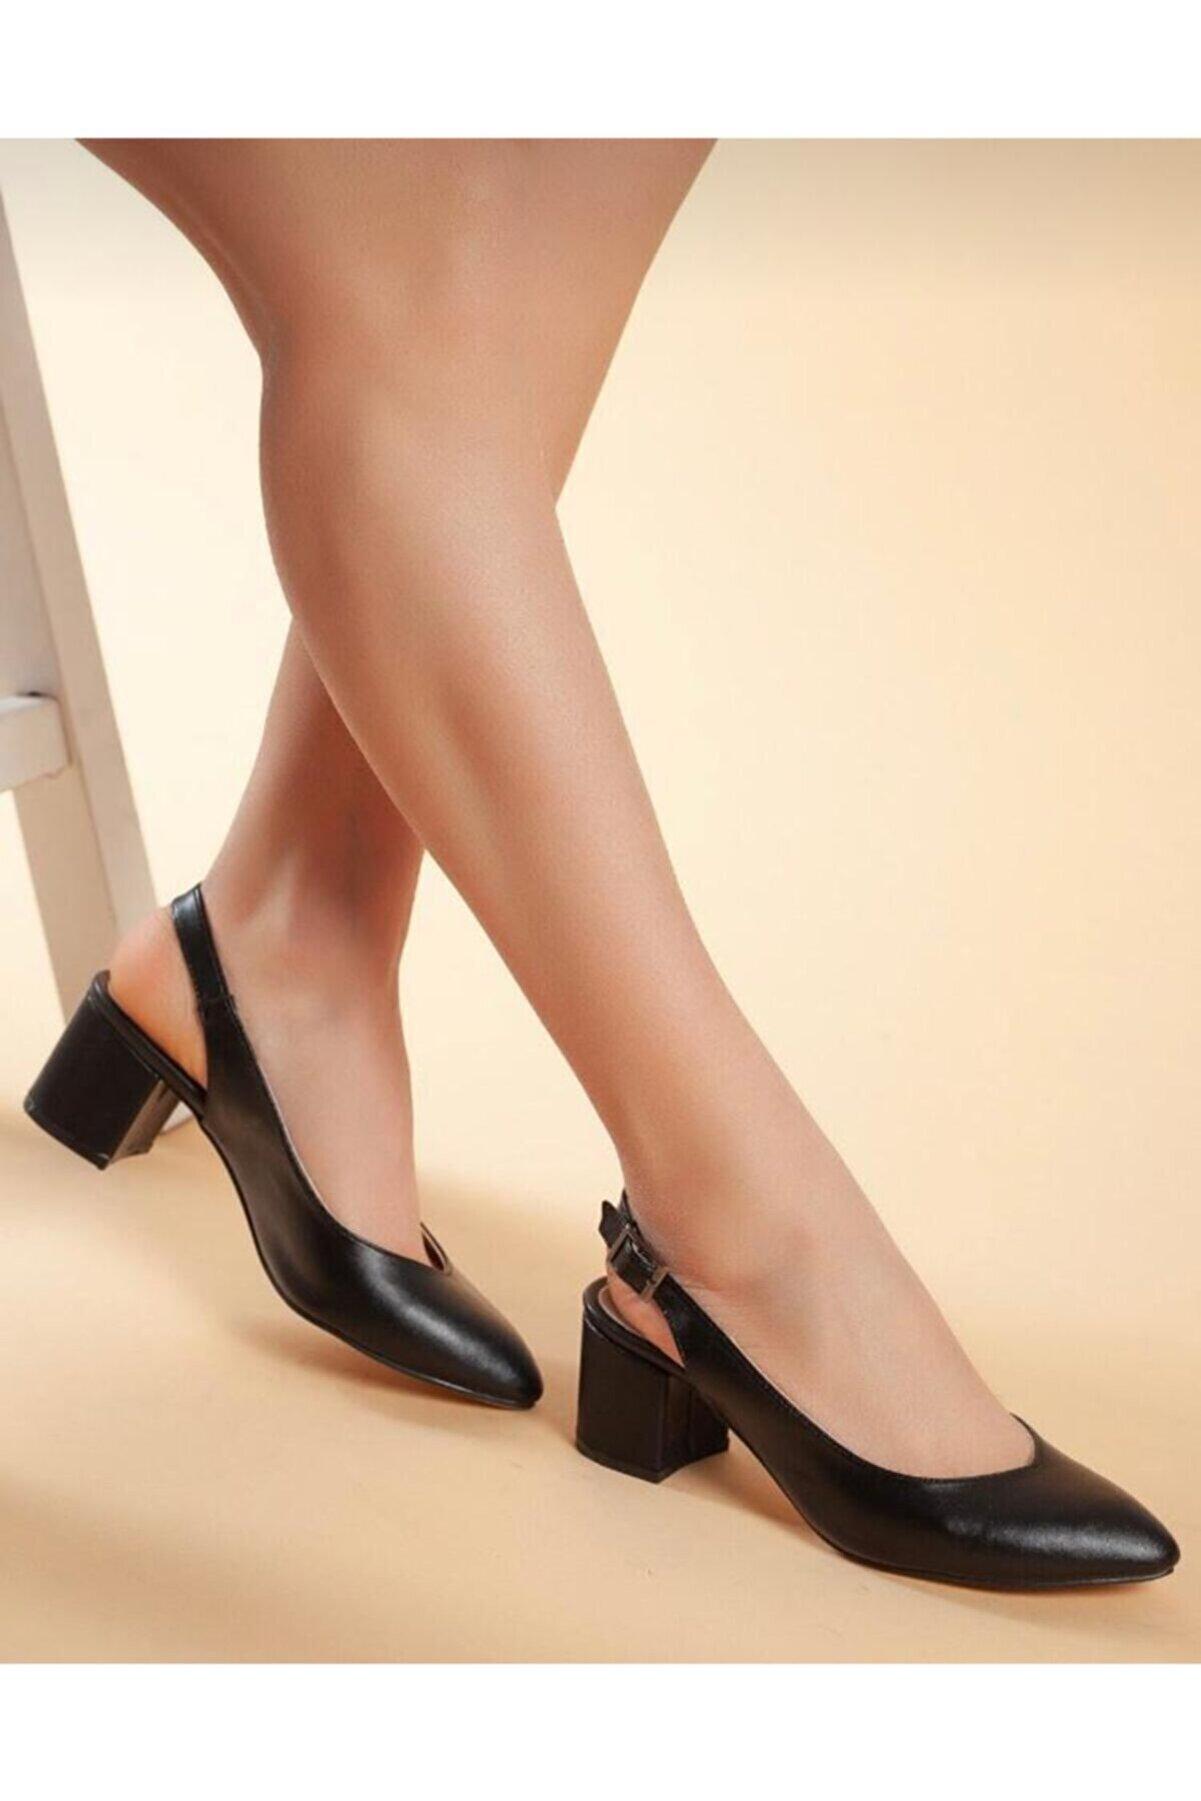 Demashoes Kadın Siyah Topuklu Ayakkabı